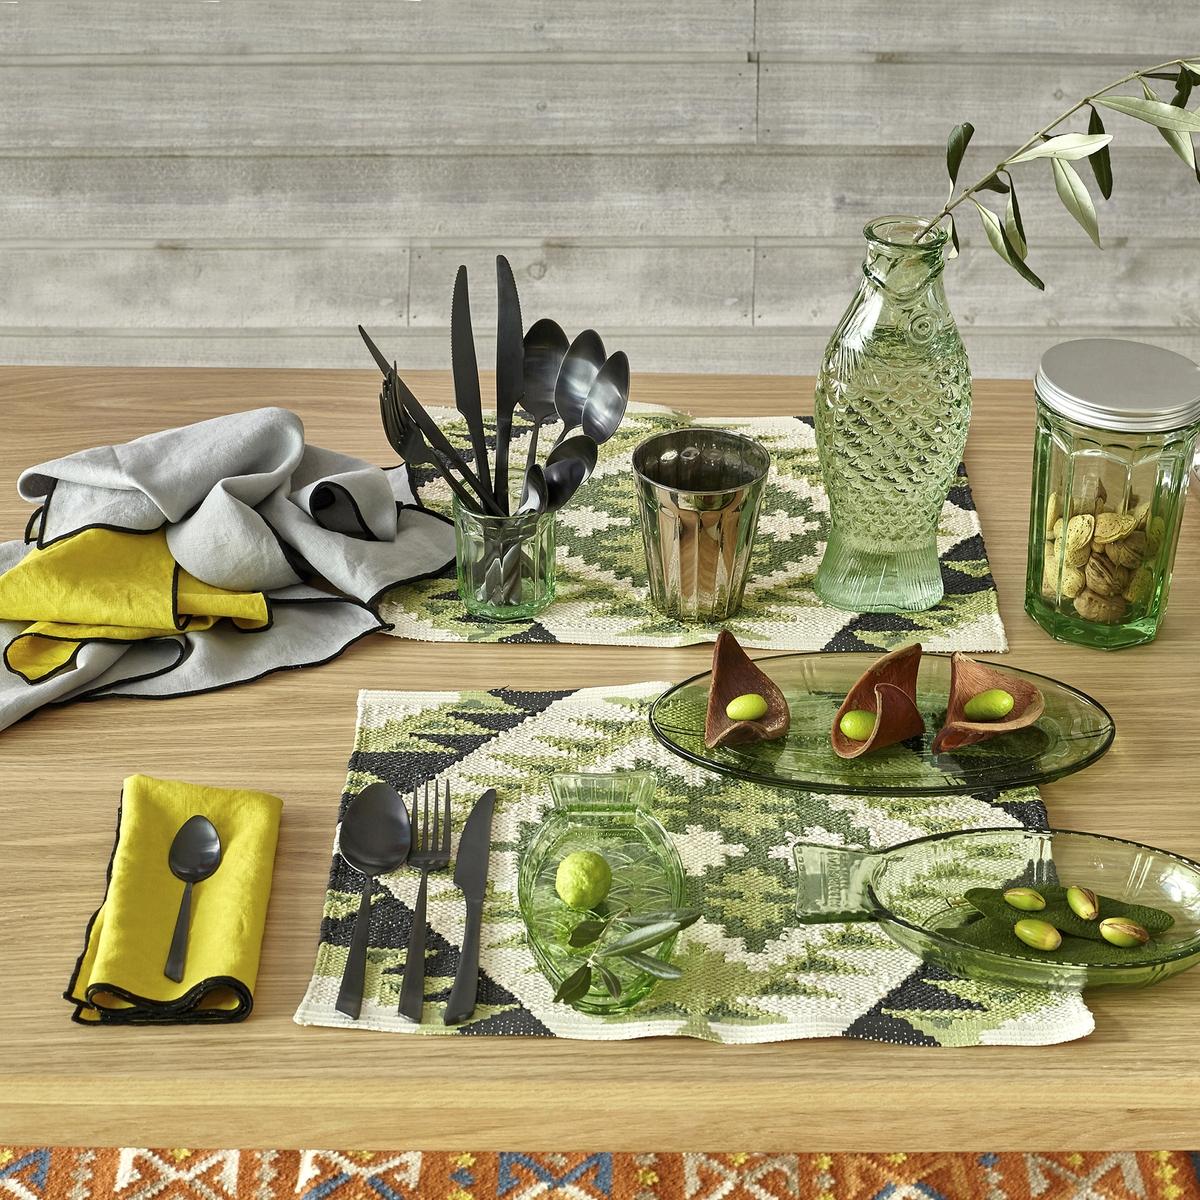 Комплект из 2 столовых приборов  Saxanka2 столовых прибора Saxanka добавят оригинальности Вашему столу. Рисунок икат, из ПВХ. Размеры. 35 x 45 см.<br><br>Цвет: зеленый/черный/белый